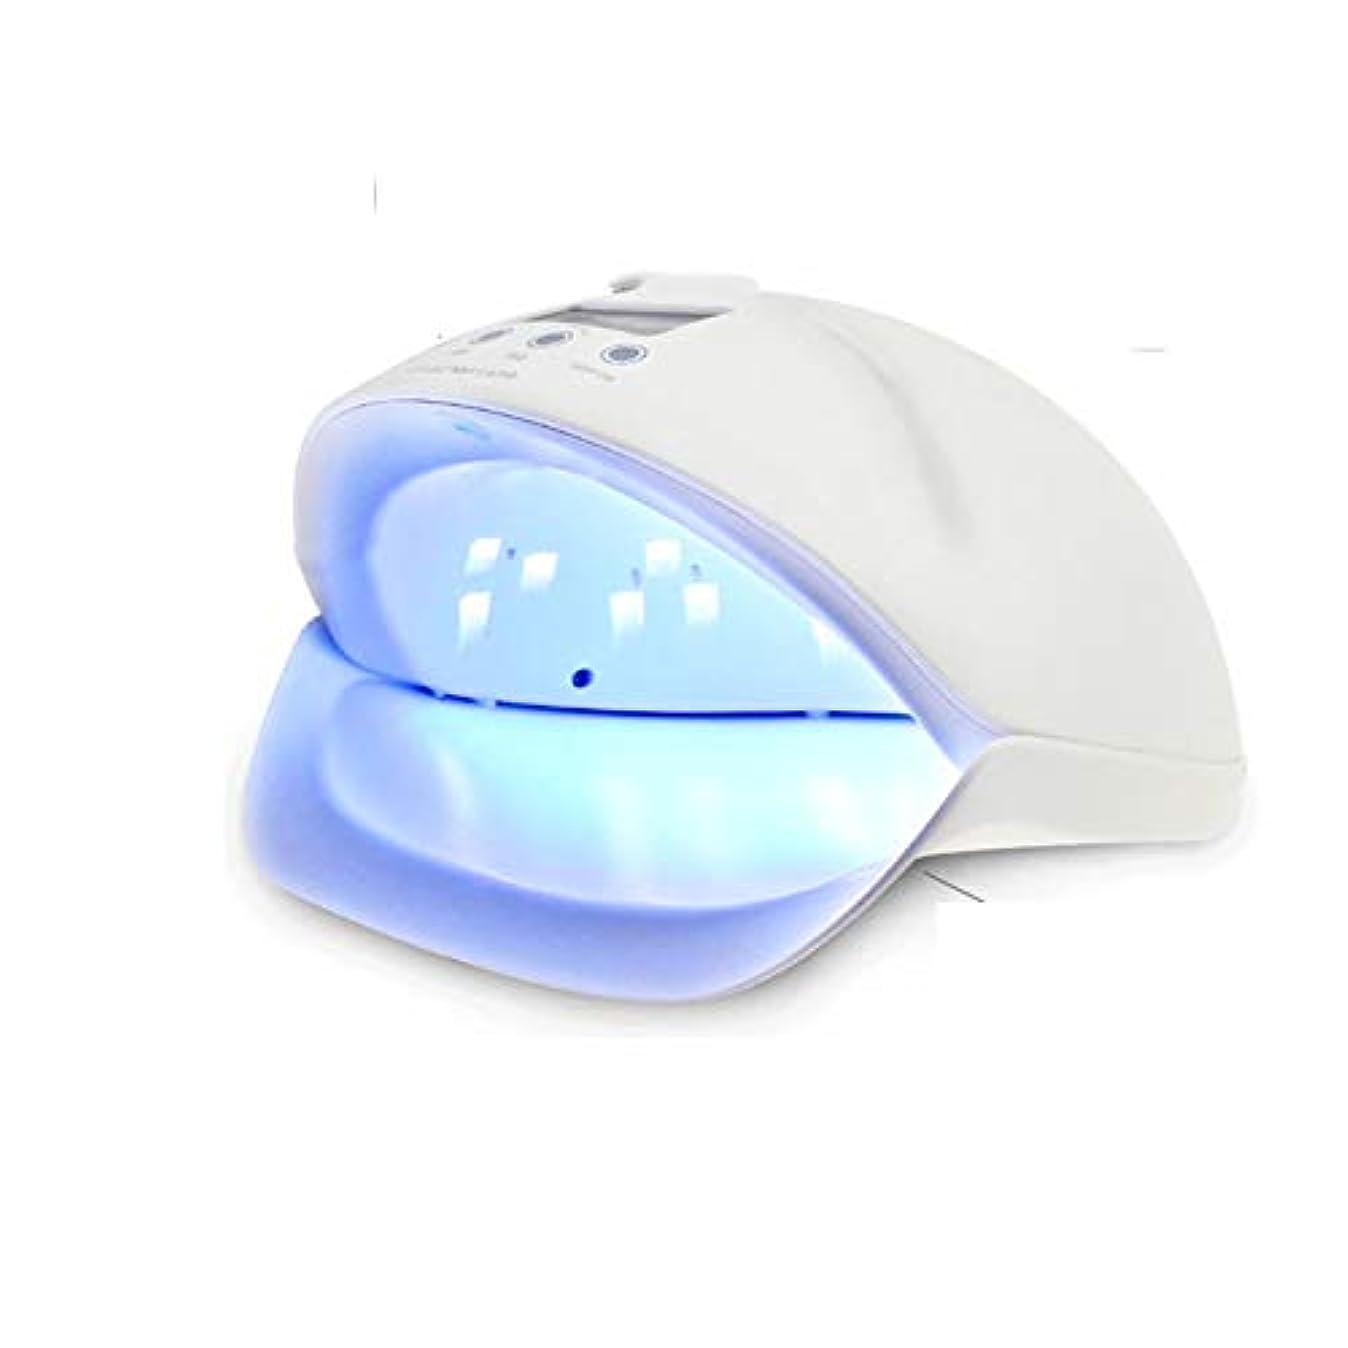 ファン謙虚なみネイルドライヤー - ネイル光線療法ベーキングランプ50ワットUV無痛モードLED赤外線センサーインテリジェントネイルマシン